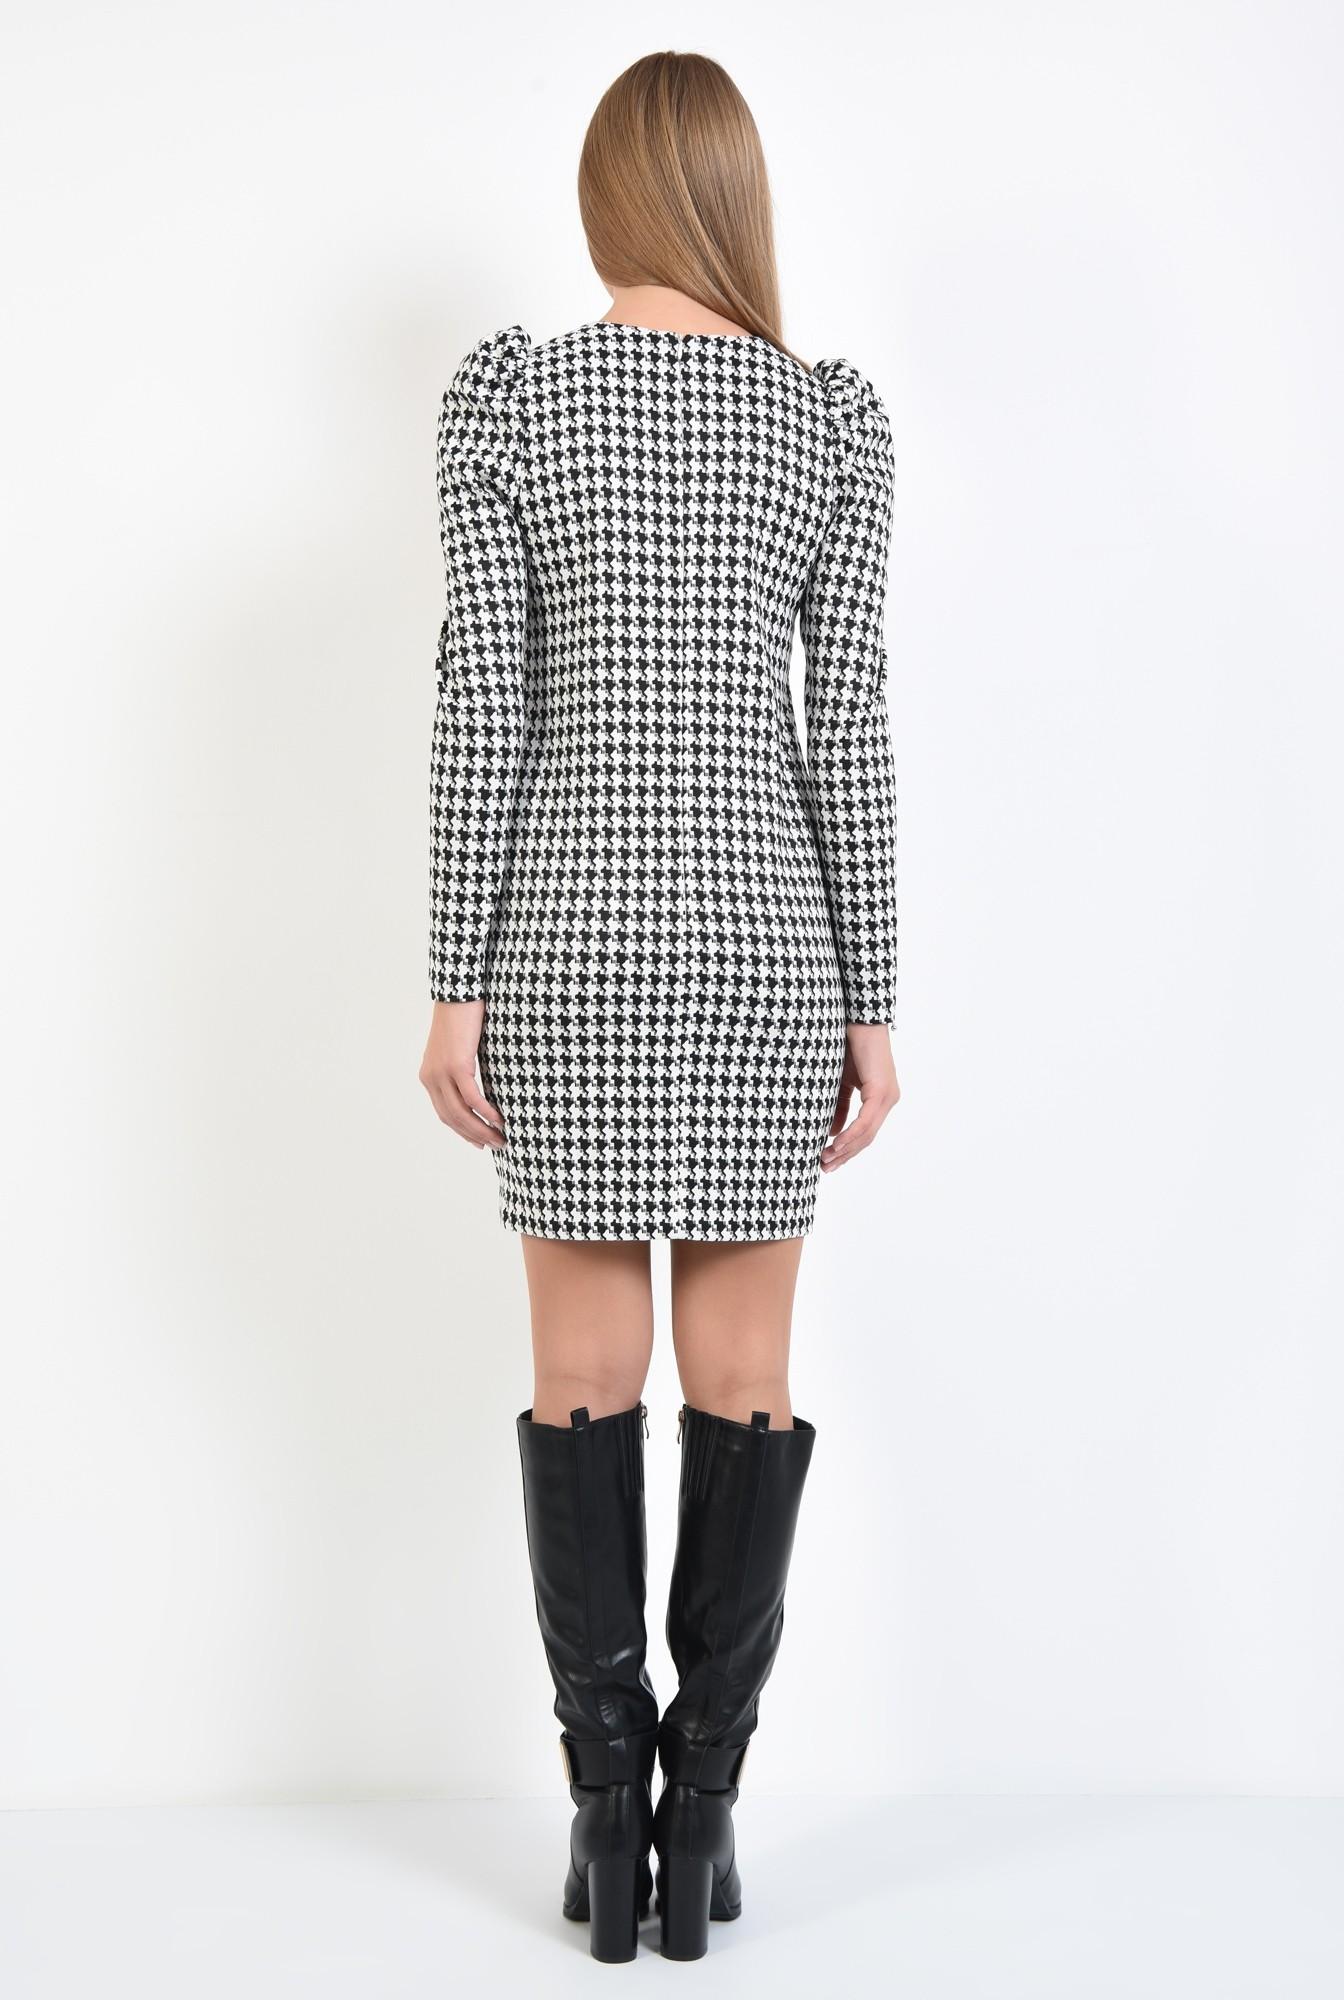 1 - 360 - rochie office, scurta, croi drept, maneci lungi, pepit, alb-negru